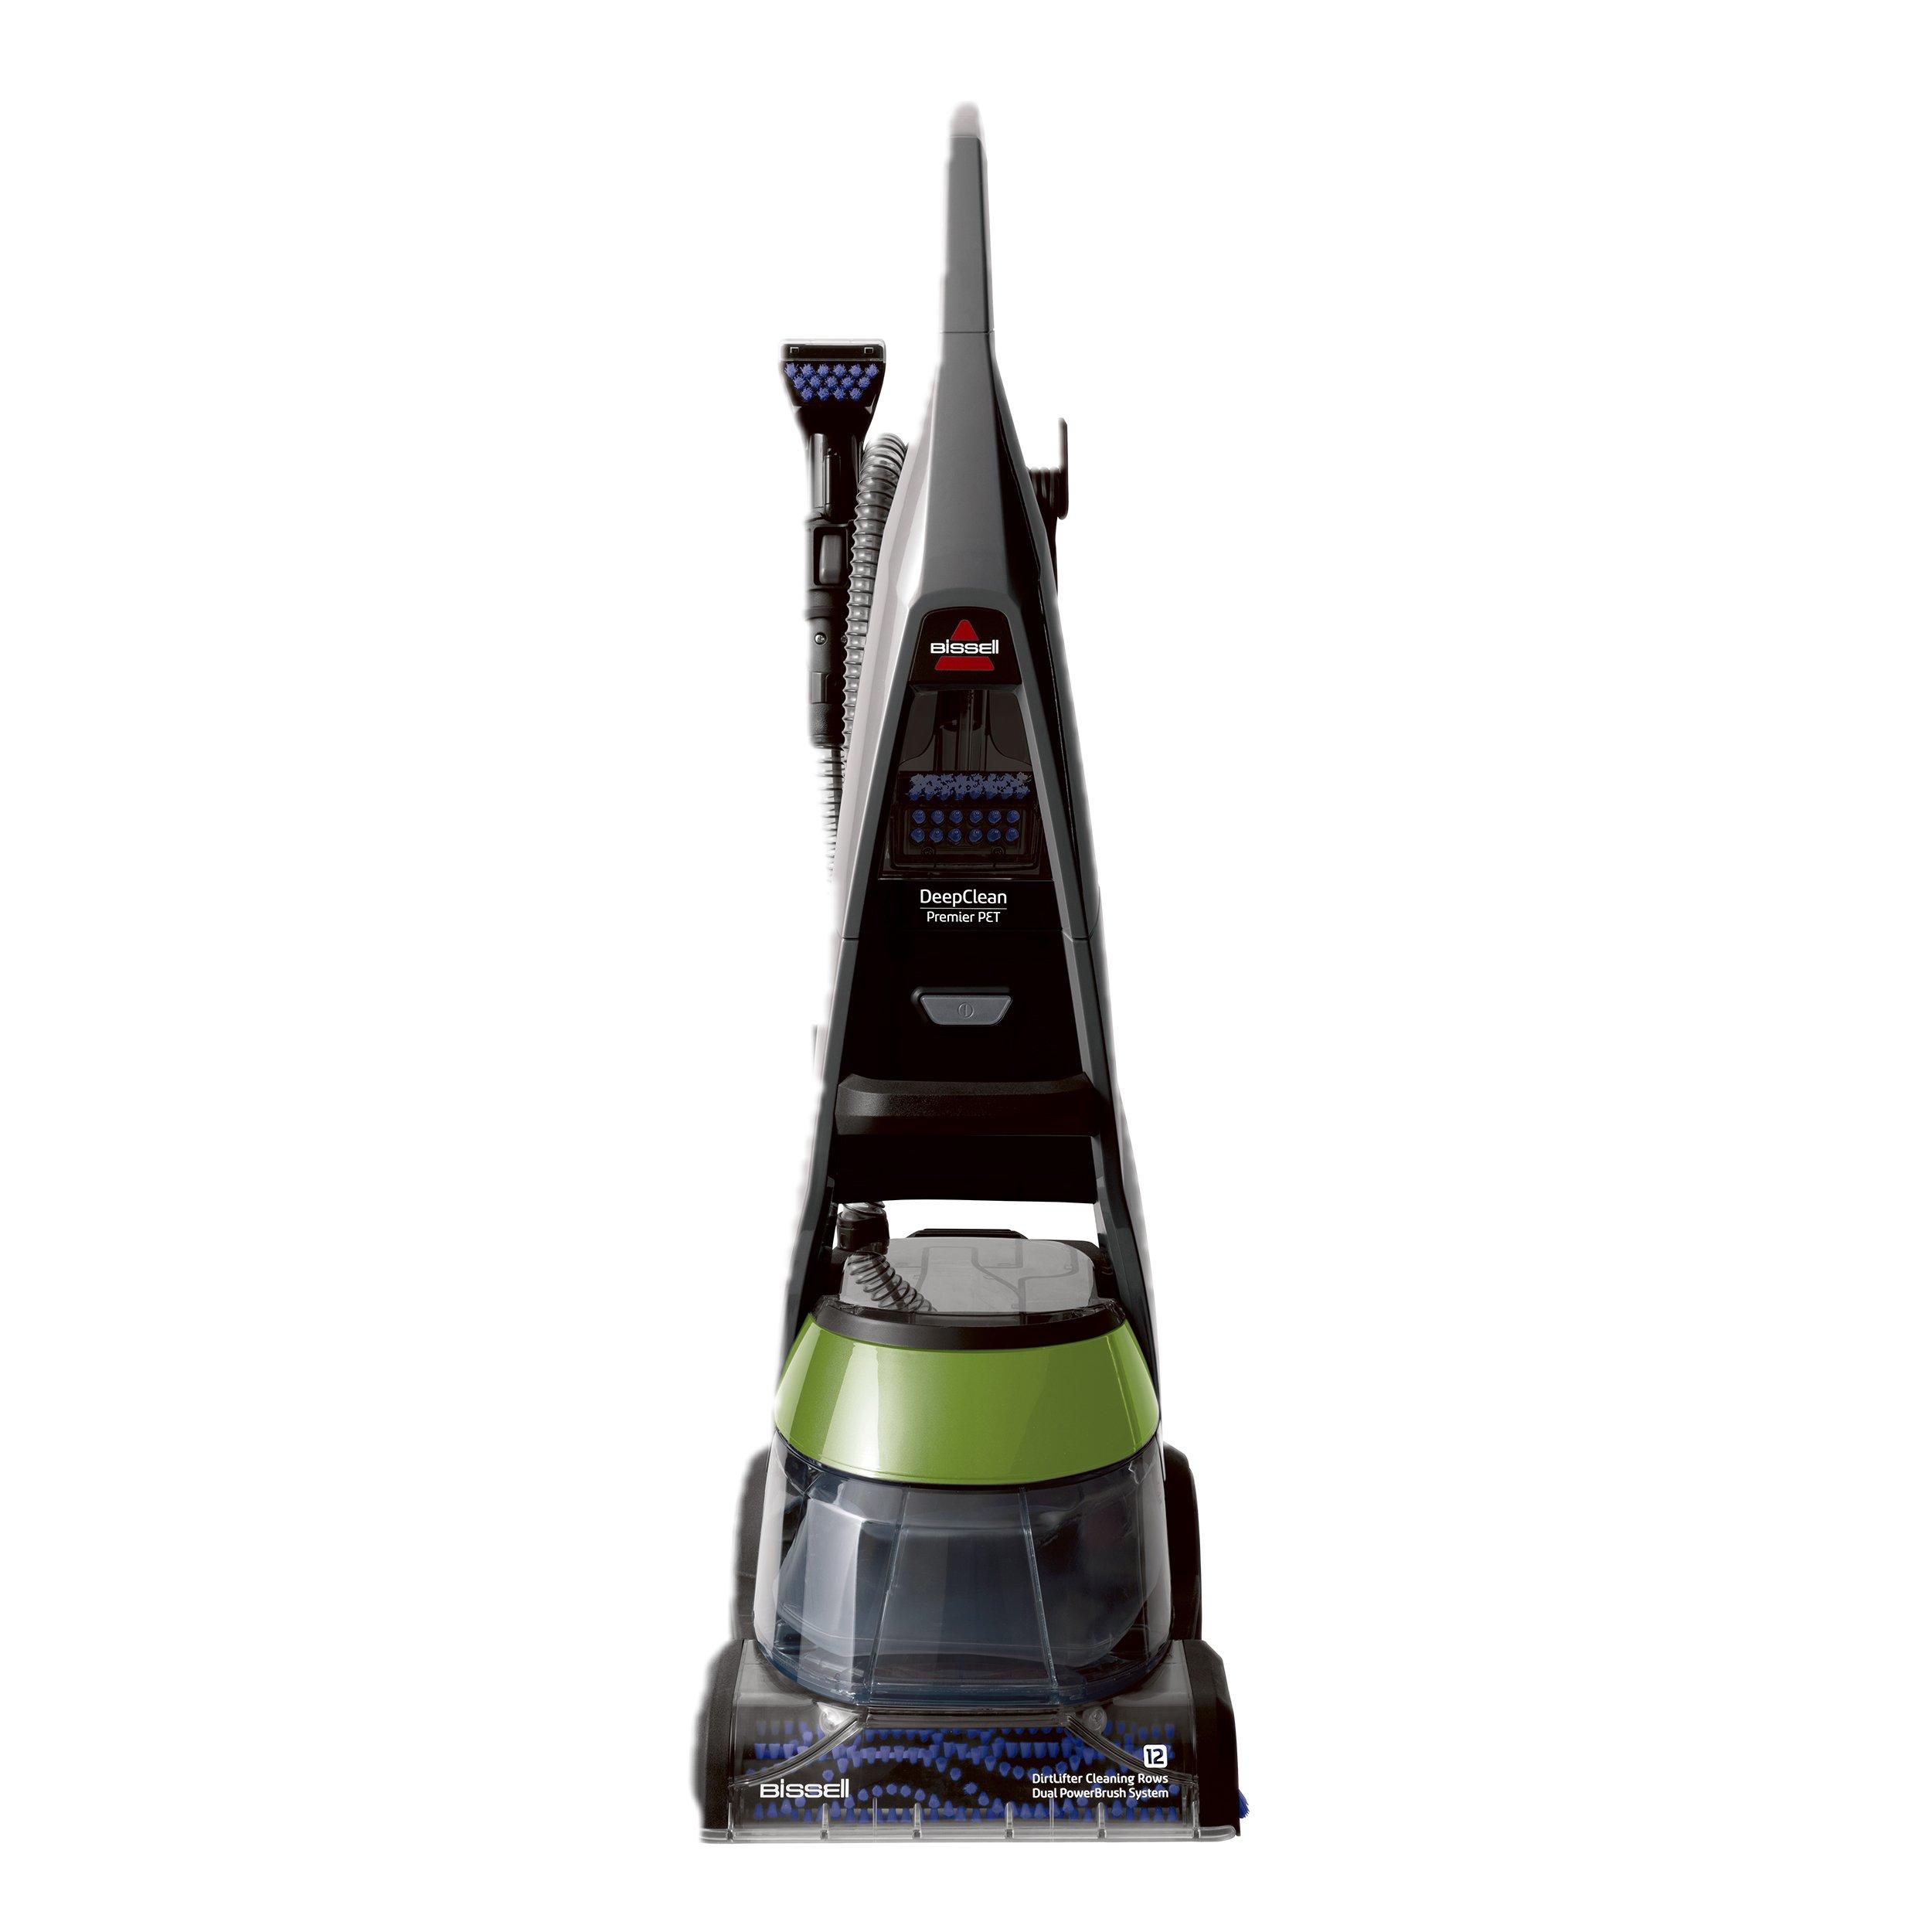 BISSELL DeepClean Premier Pet Carpet Cleaner, 17N4